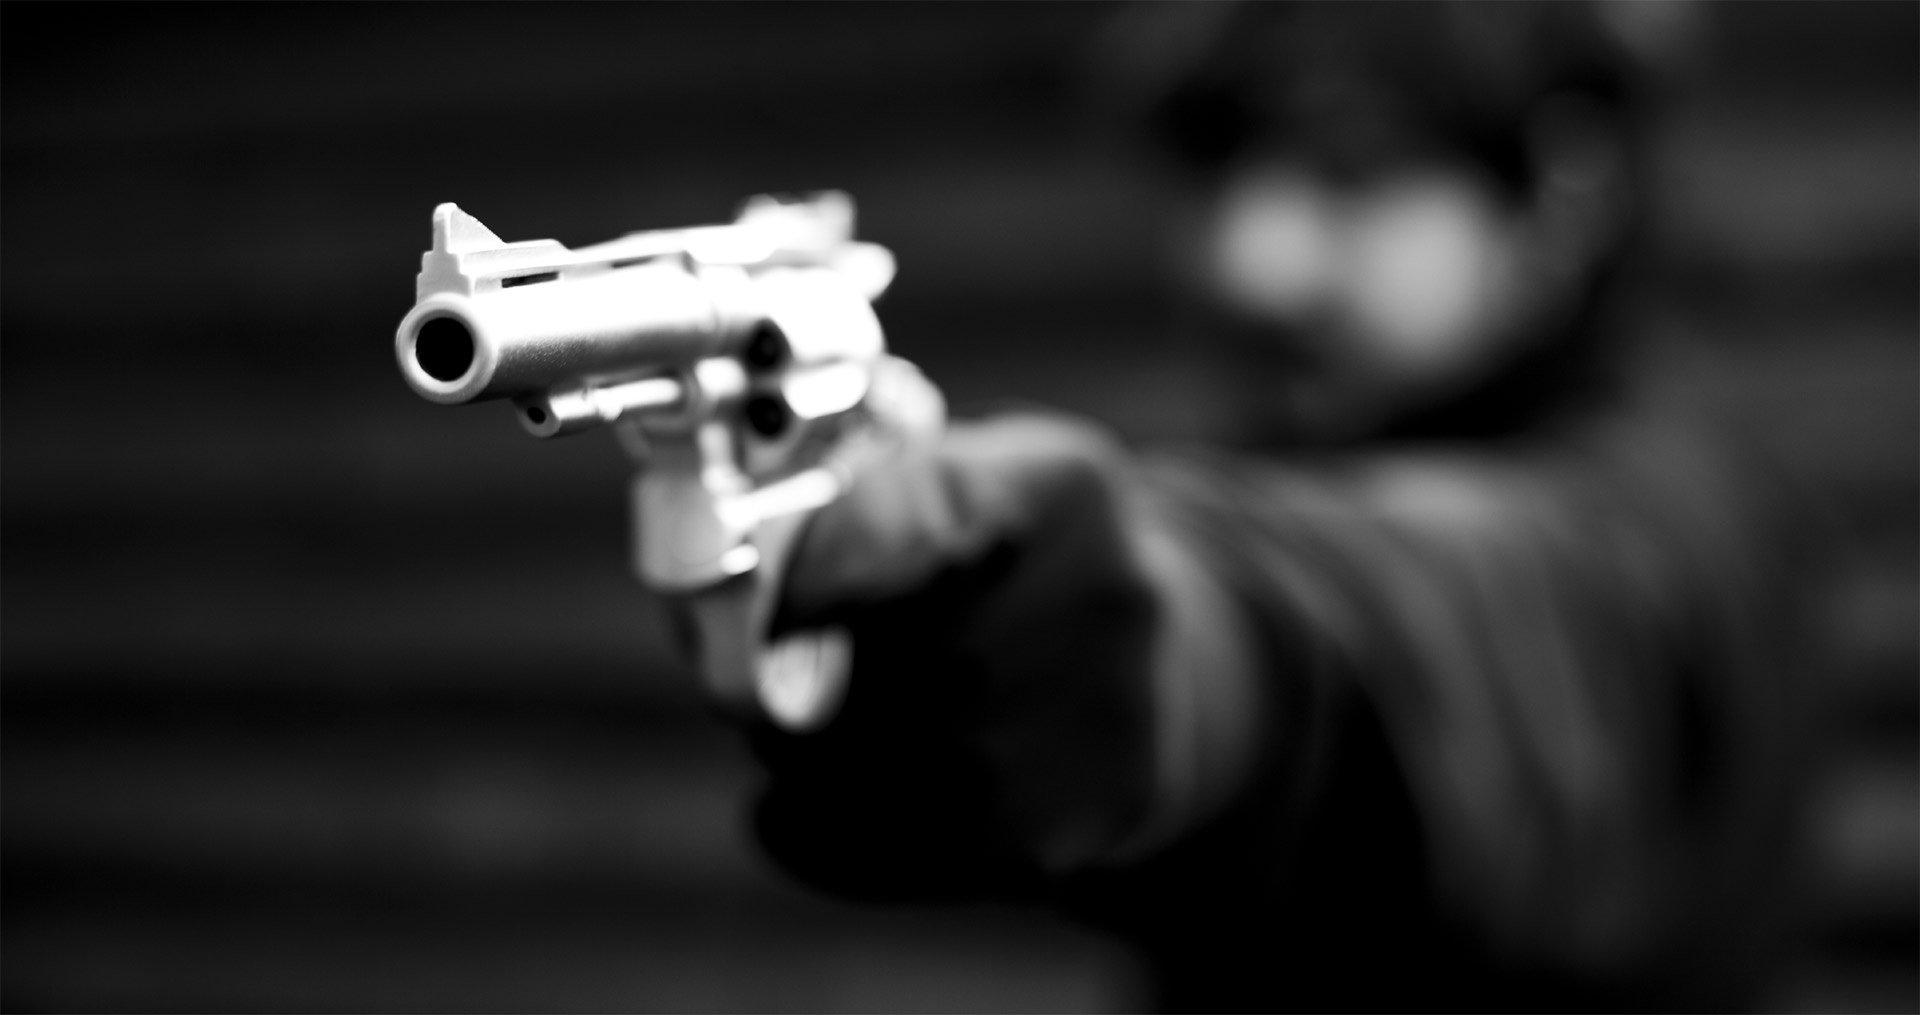 Percepción sobre el alto índice delictivo en el nuevo gobierno estatal